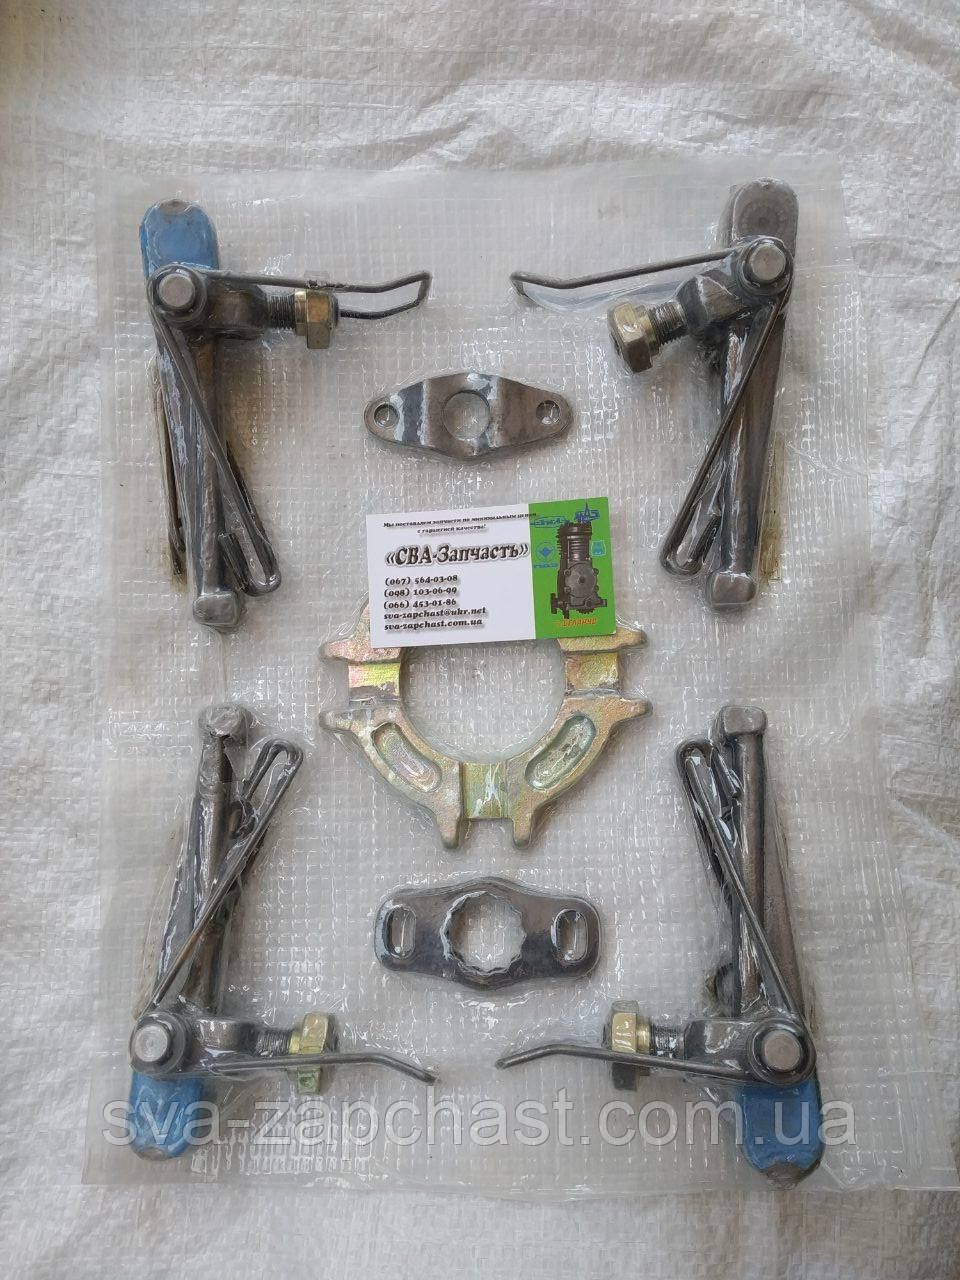 Ремкомплект корзины сцепления ЯМЗ МАЗ КрАЗ (полный)